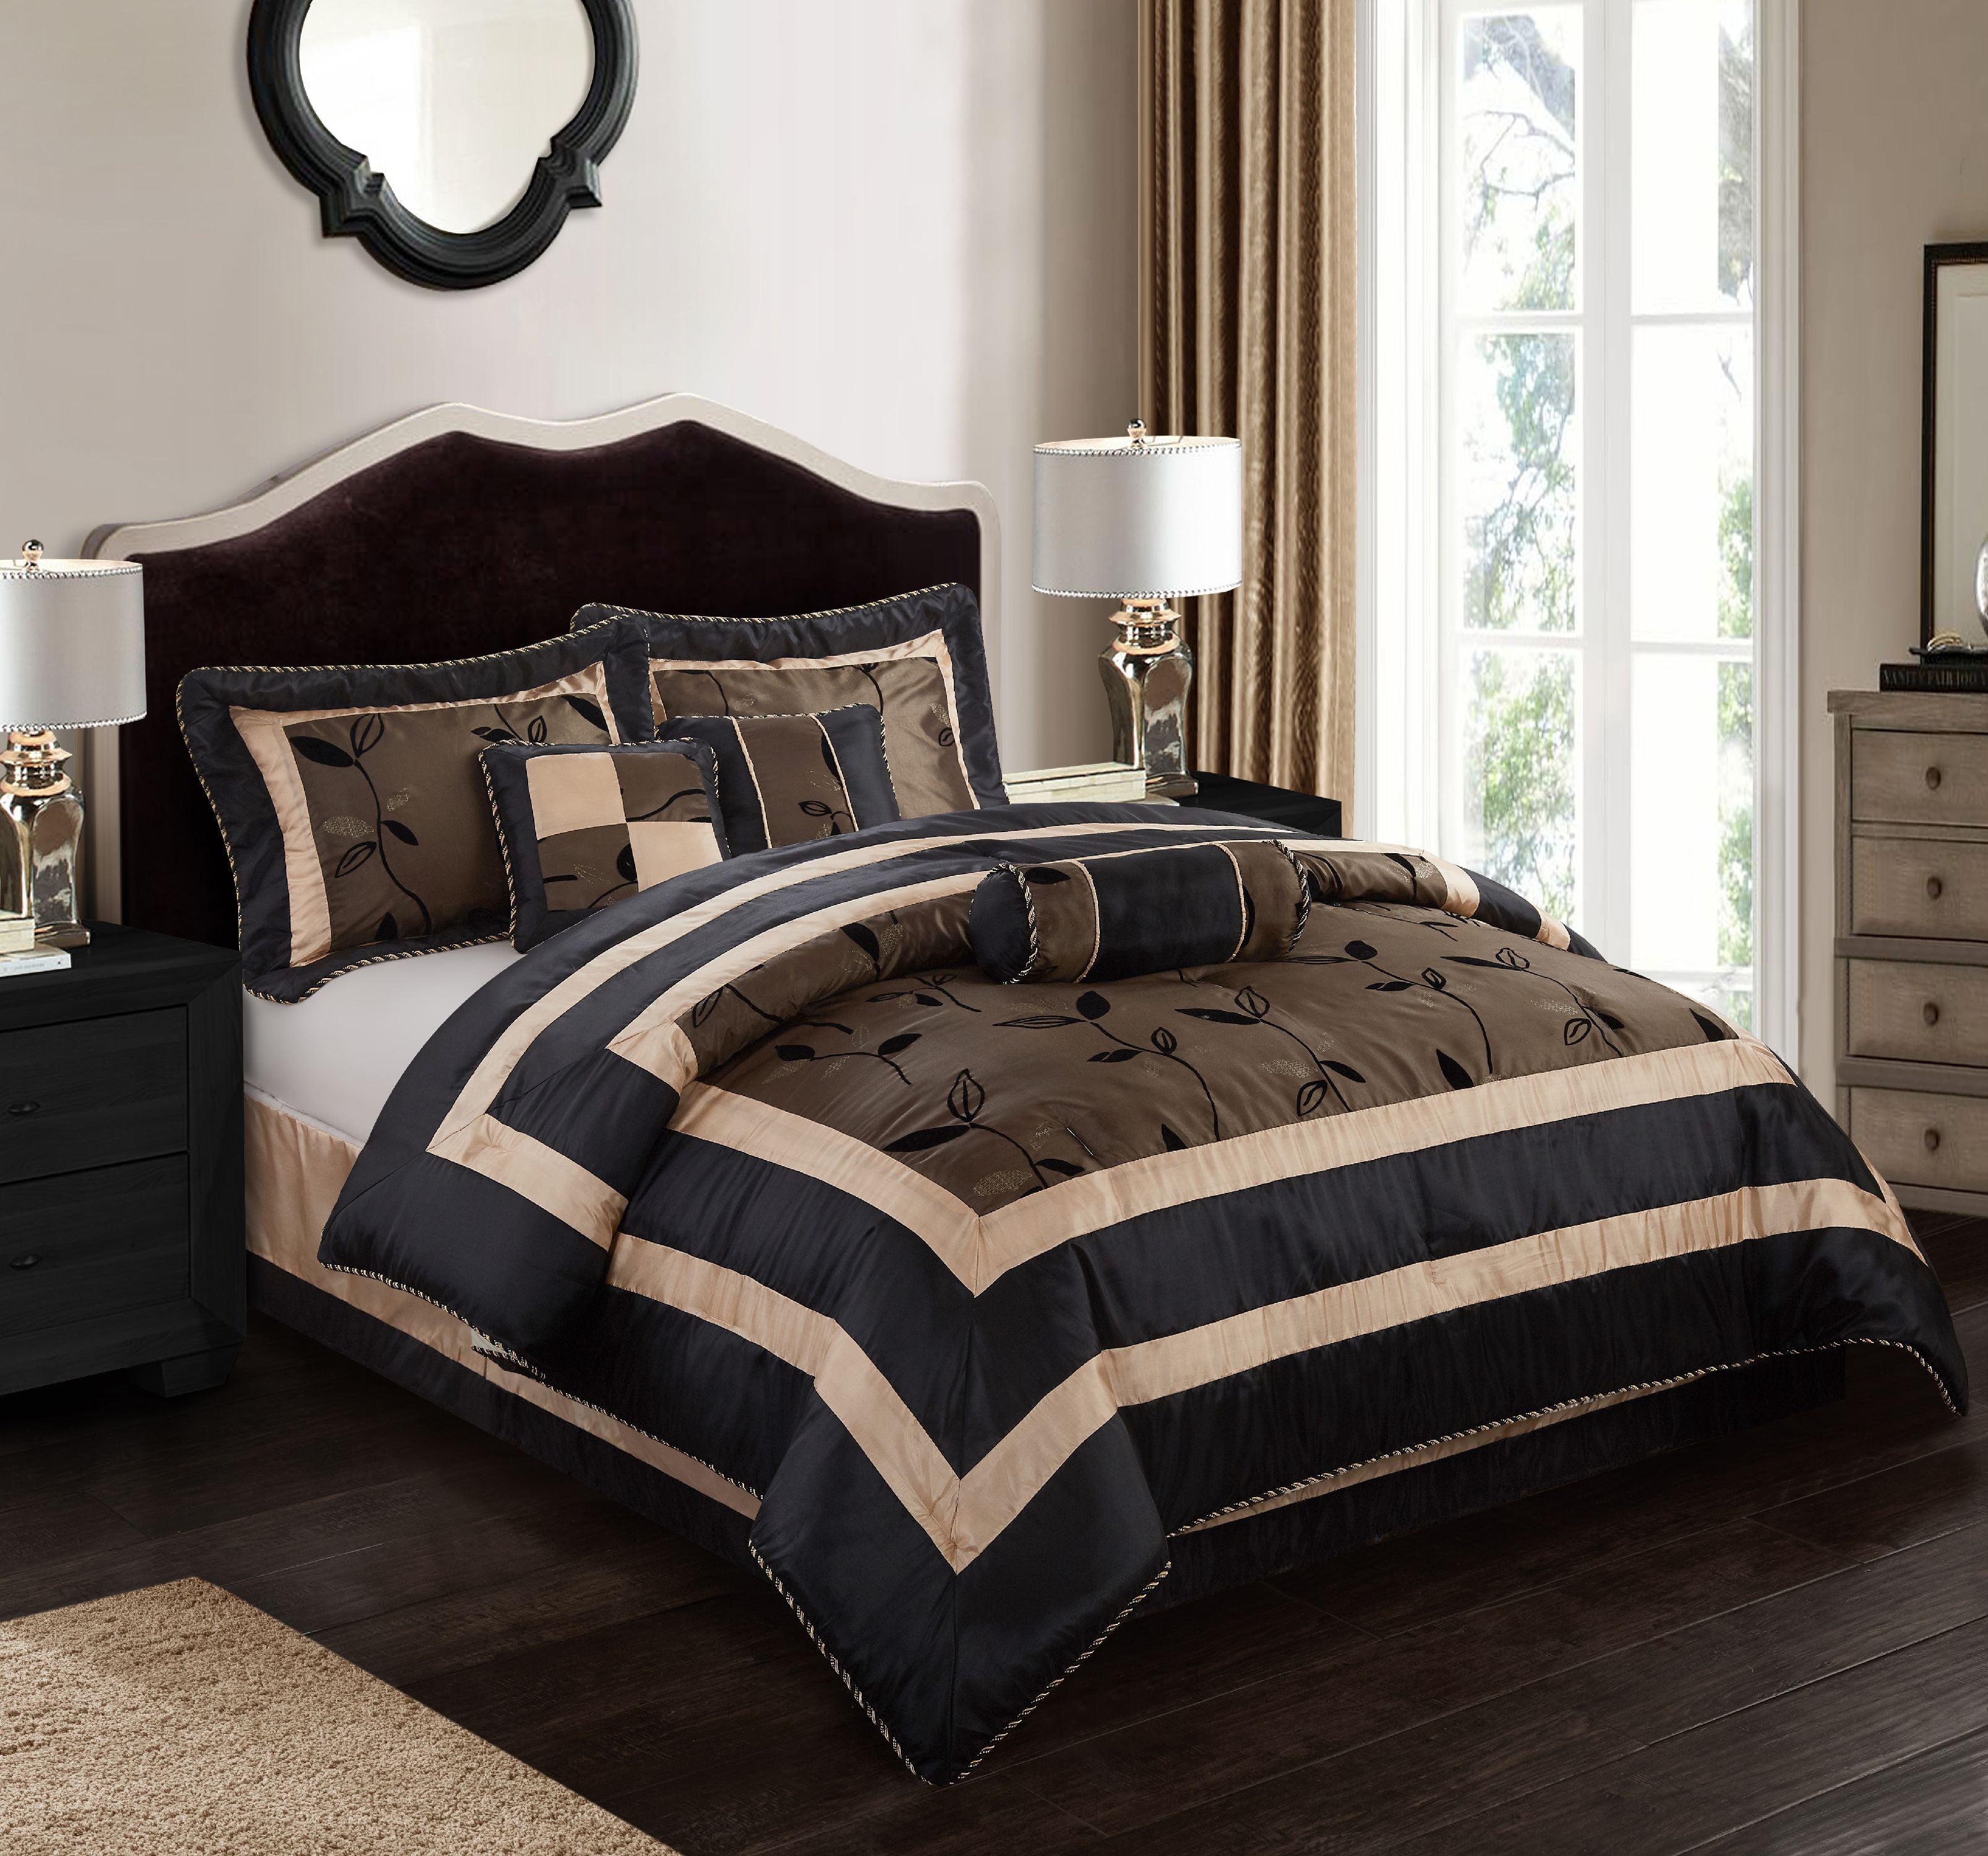 Nanshing Pastora 7-Piece Bedding Comforter Set